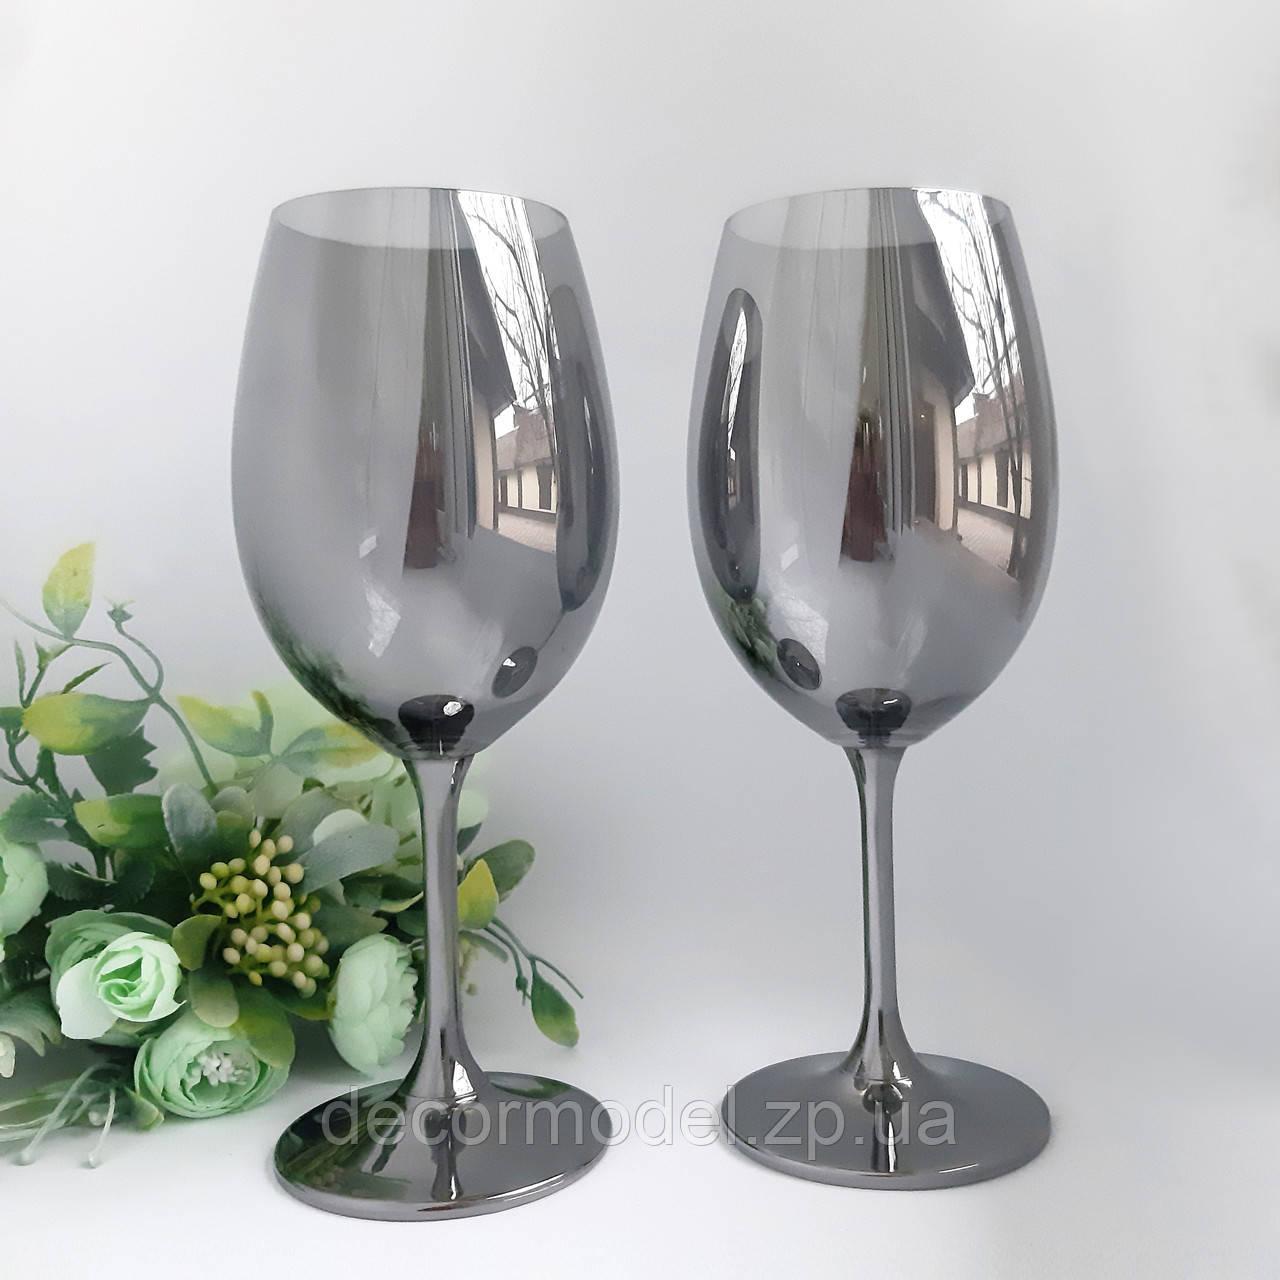 Набор бокалов Bohemia Sylvia 450 мл хром прозрачный